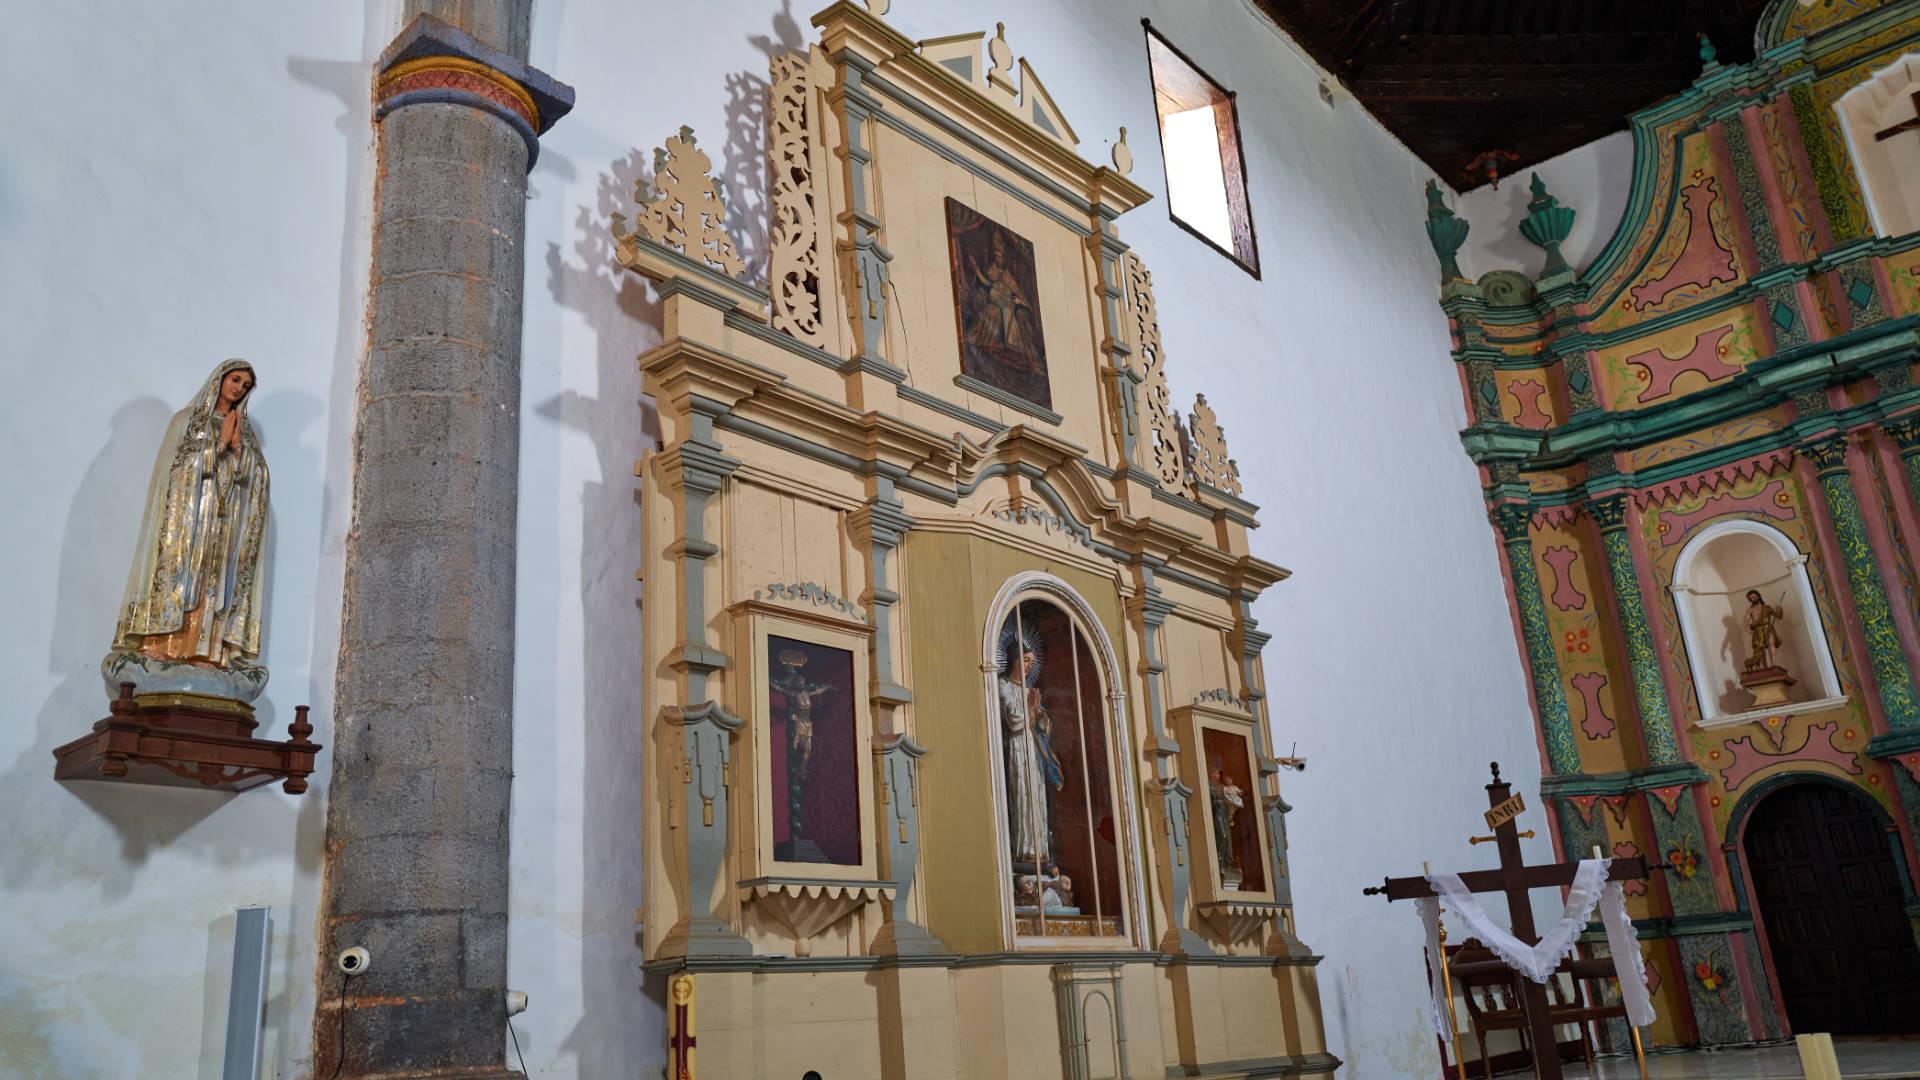 Iglesia Nuestra Señora de la Antigua Fuerteventura.